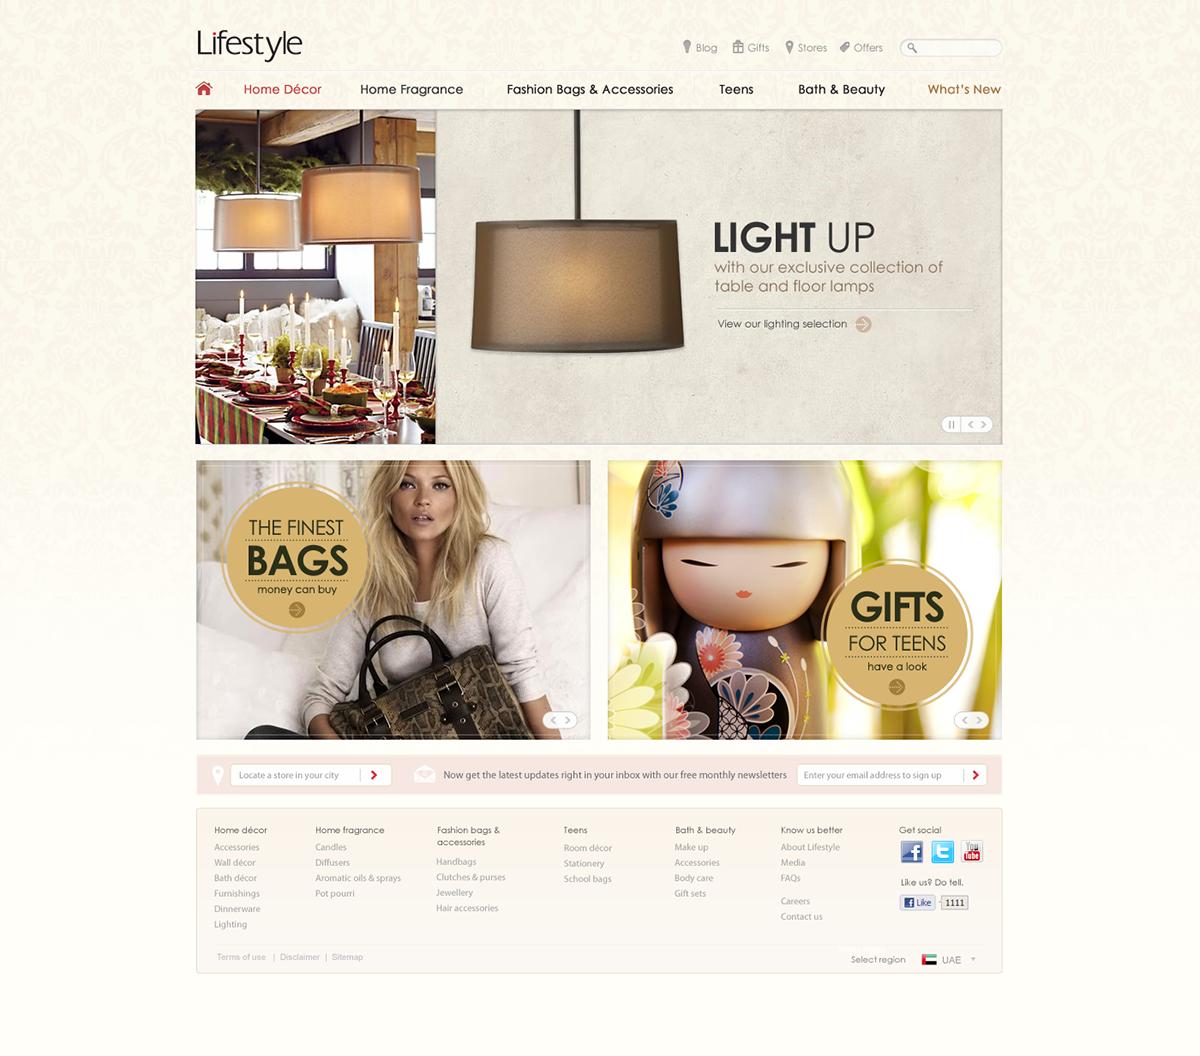 lifestyle fashion website Online shop Shopping landmark group Hospitality Ecommerce